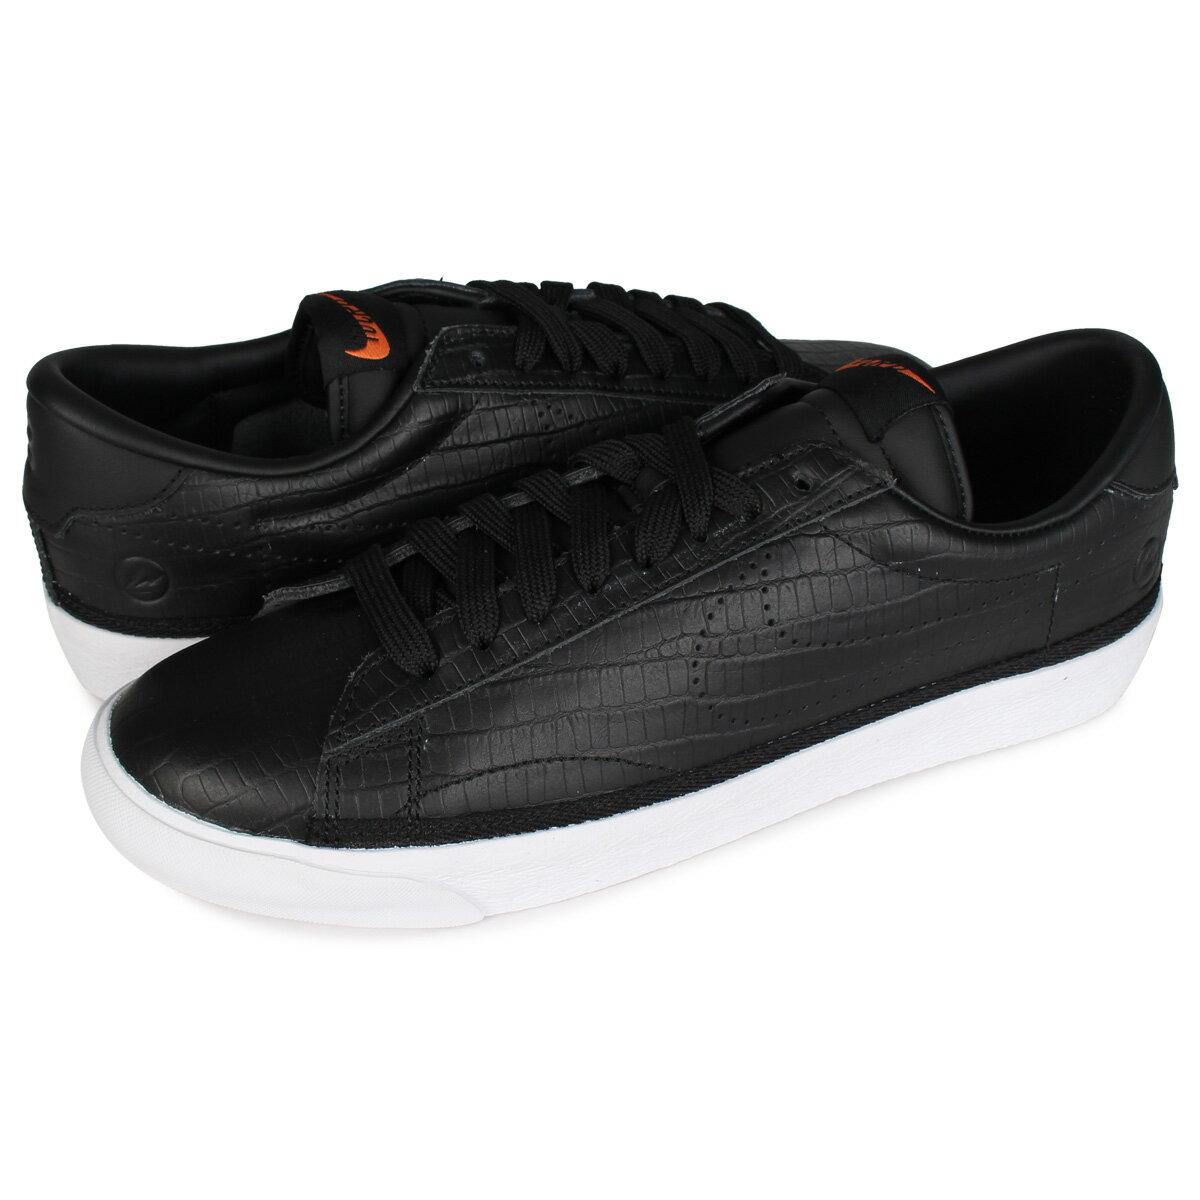 メンズ靴, スニーカー 600OFF NIKE AIR ZOOM TENNIS CLASSIC AC FRAGMENT 857953-001